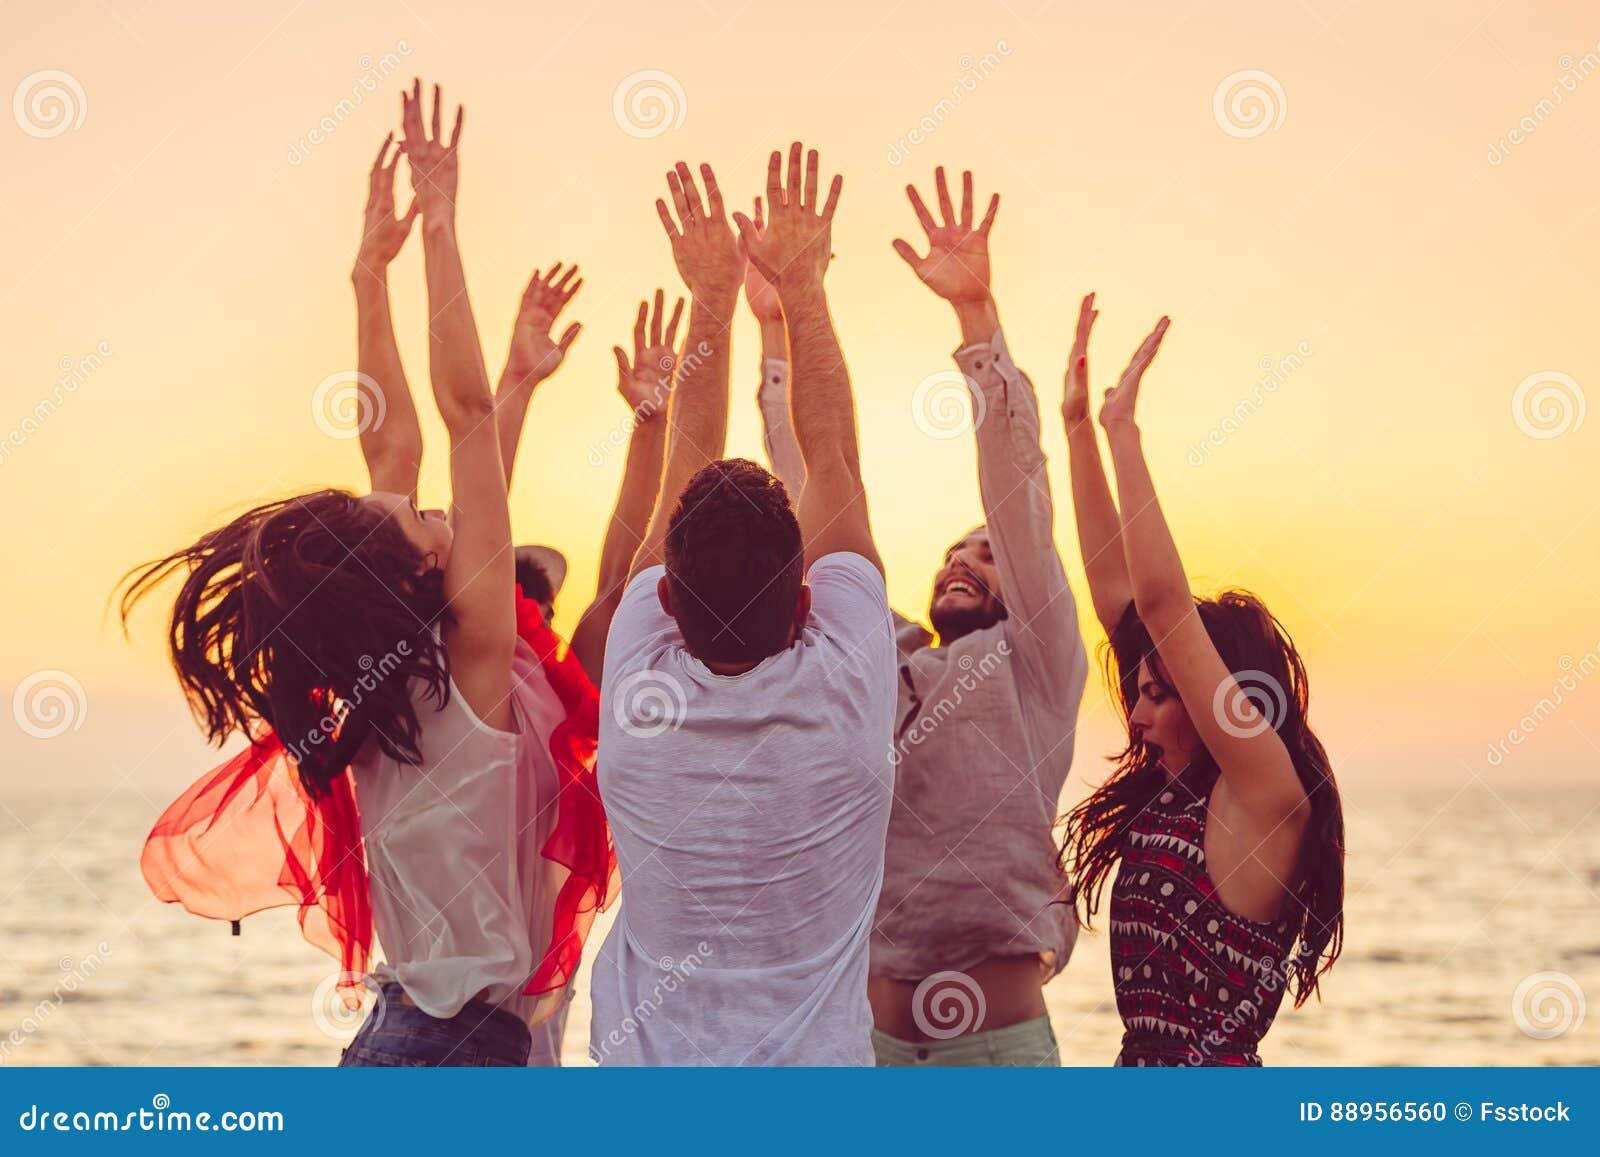 Les gens dansant à la plage avec des mains  concept au sujet de partie, de musique et de personnes